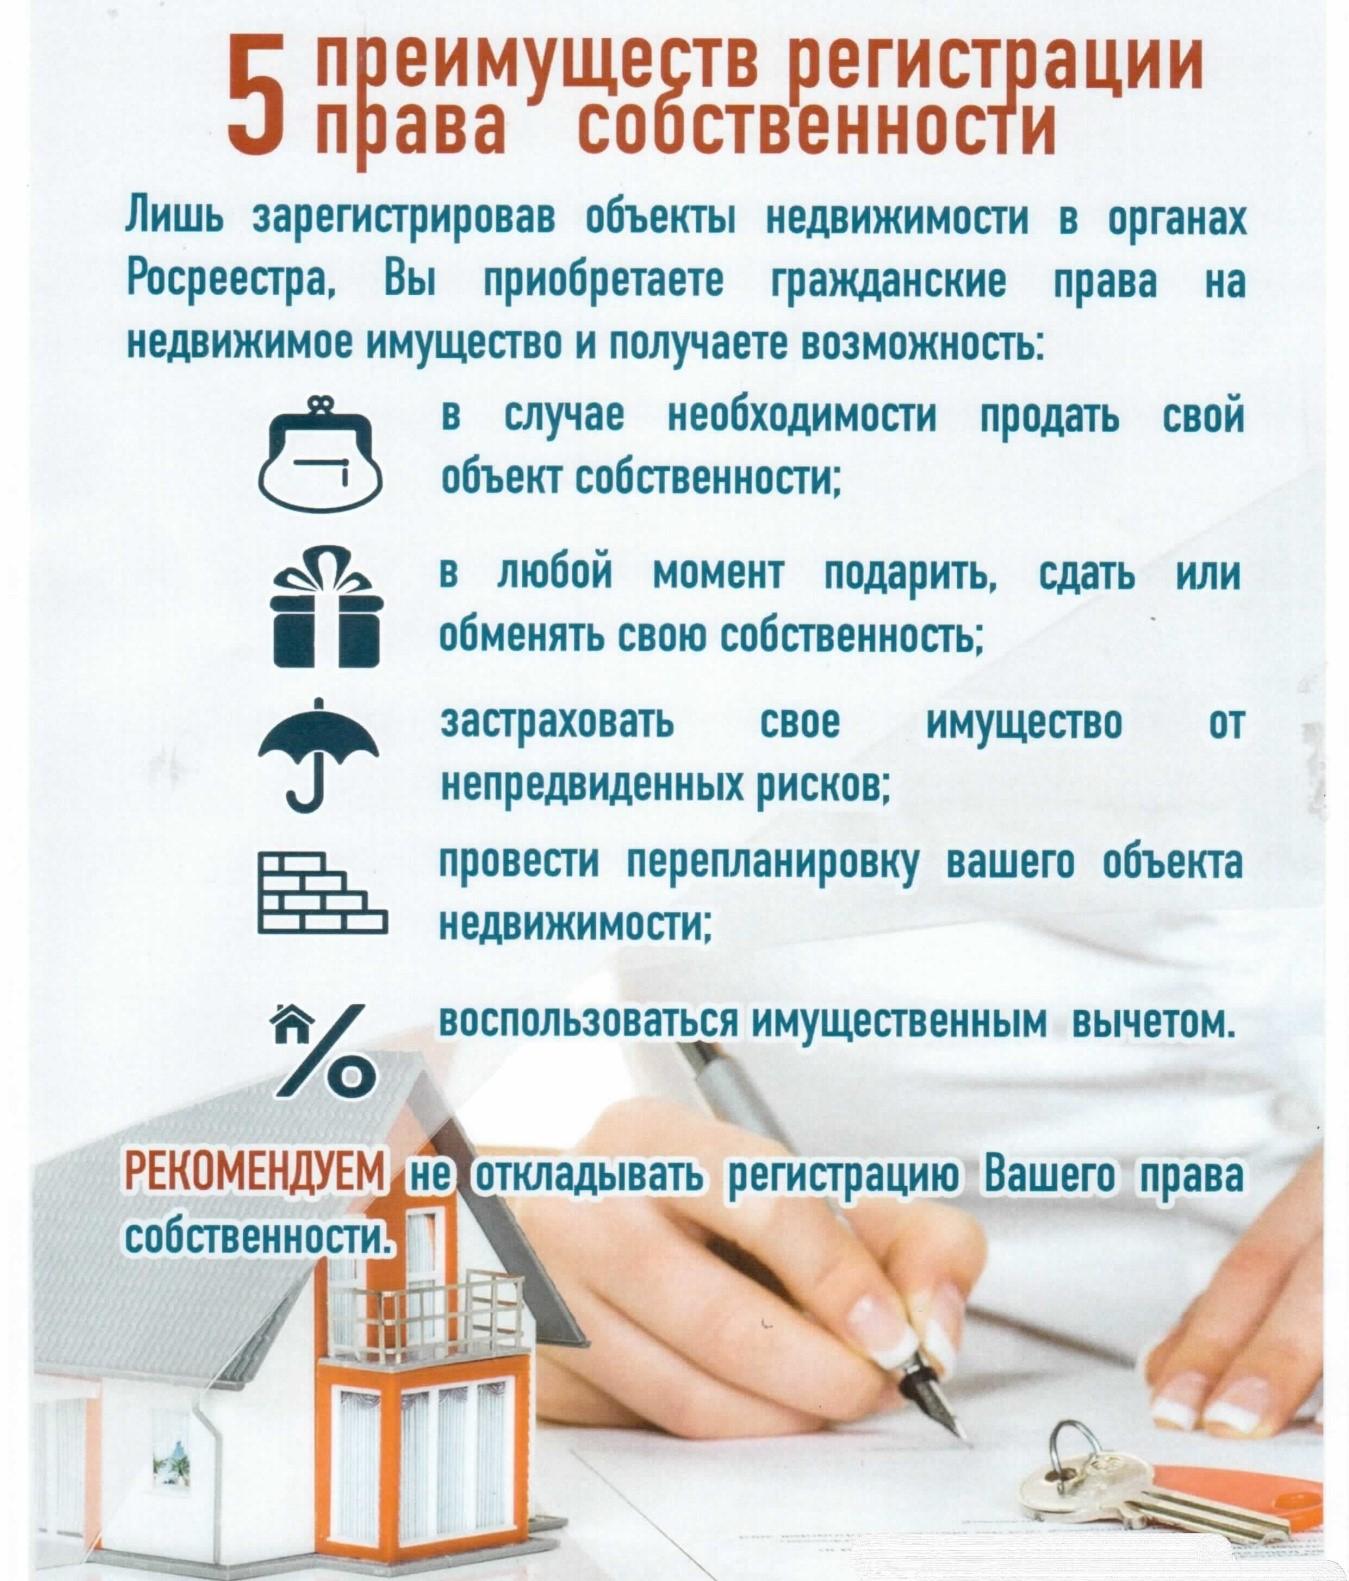 документы для регистрации недвижимости